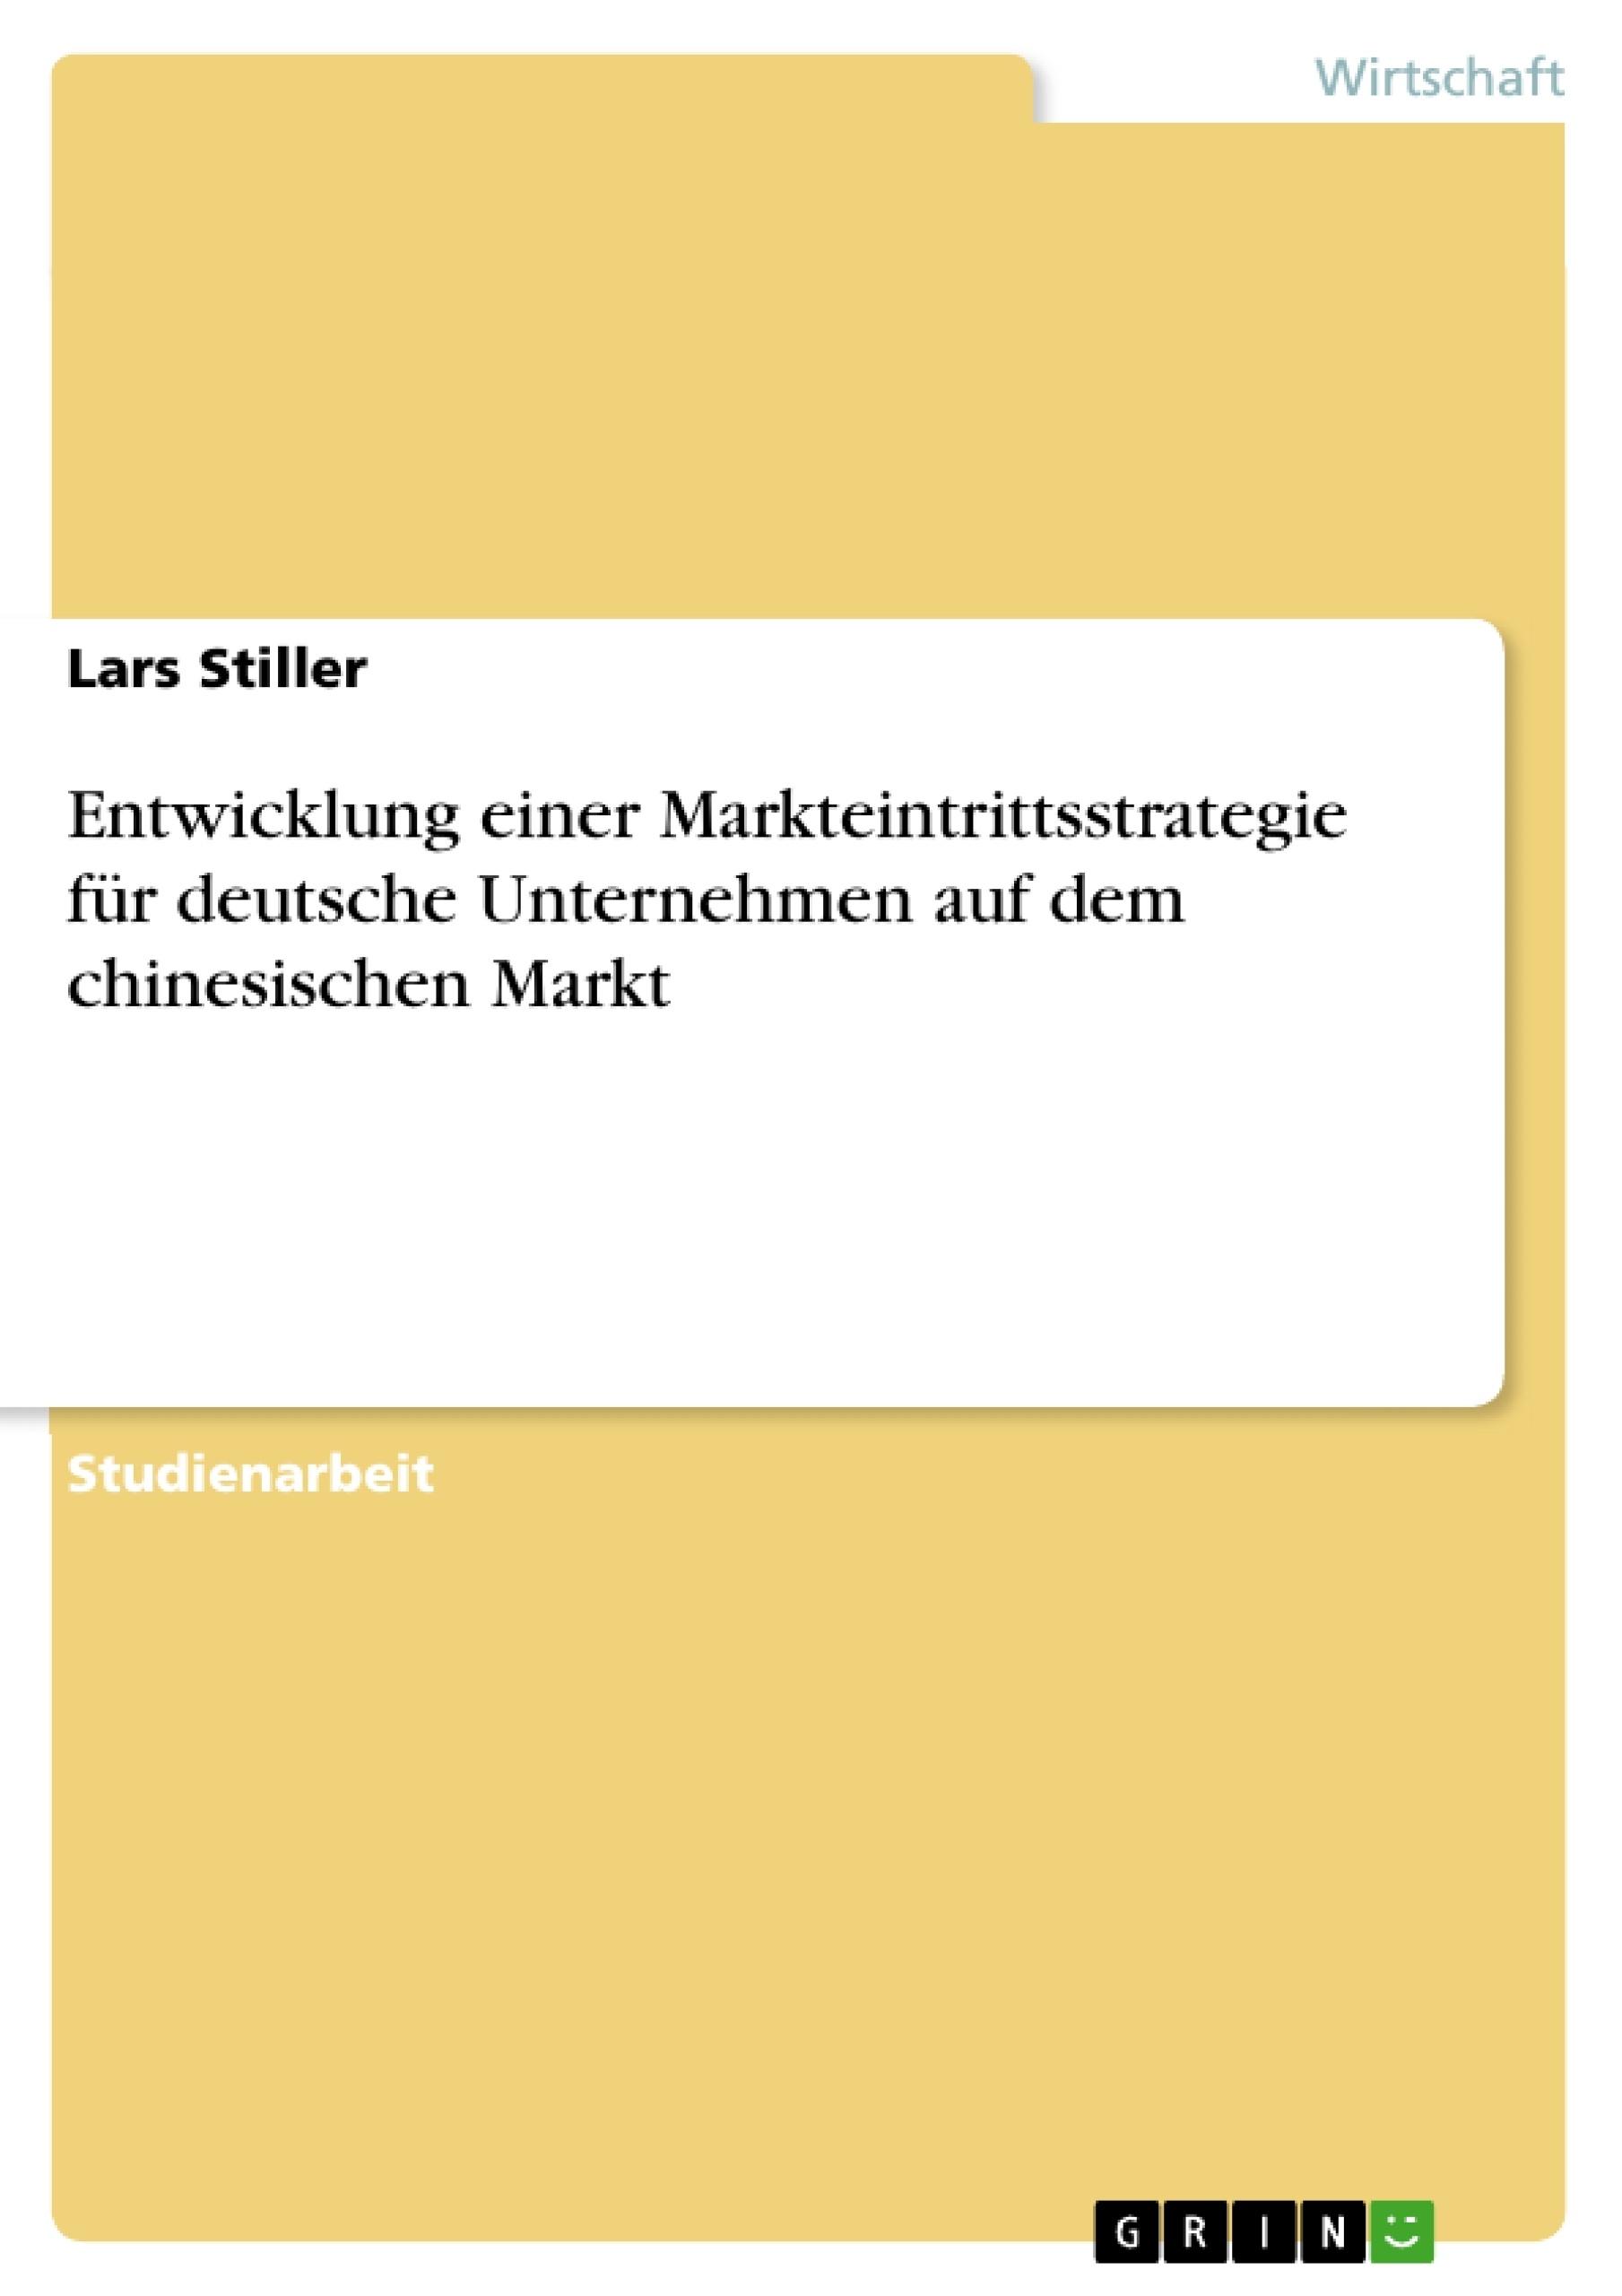 Titel: Entwicklung einer Markteintrittsstrategie für deutsche Unternehmen auf dem chinesischen Markt